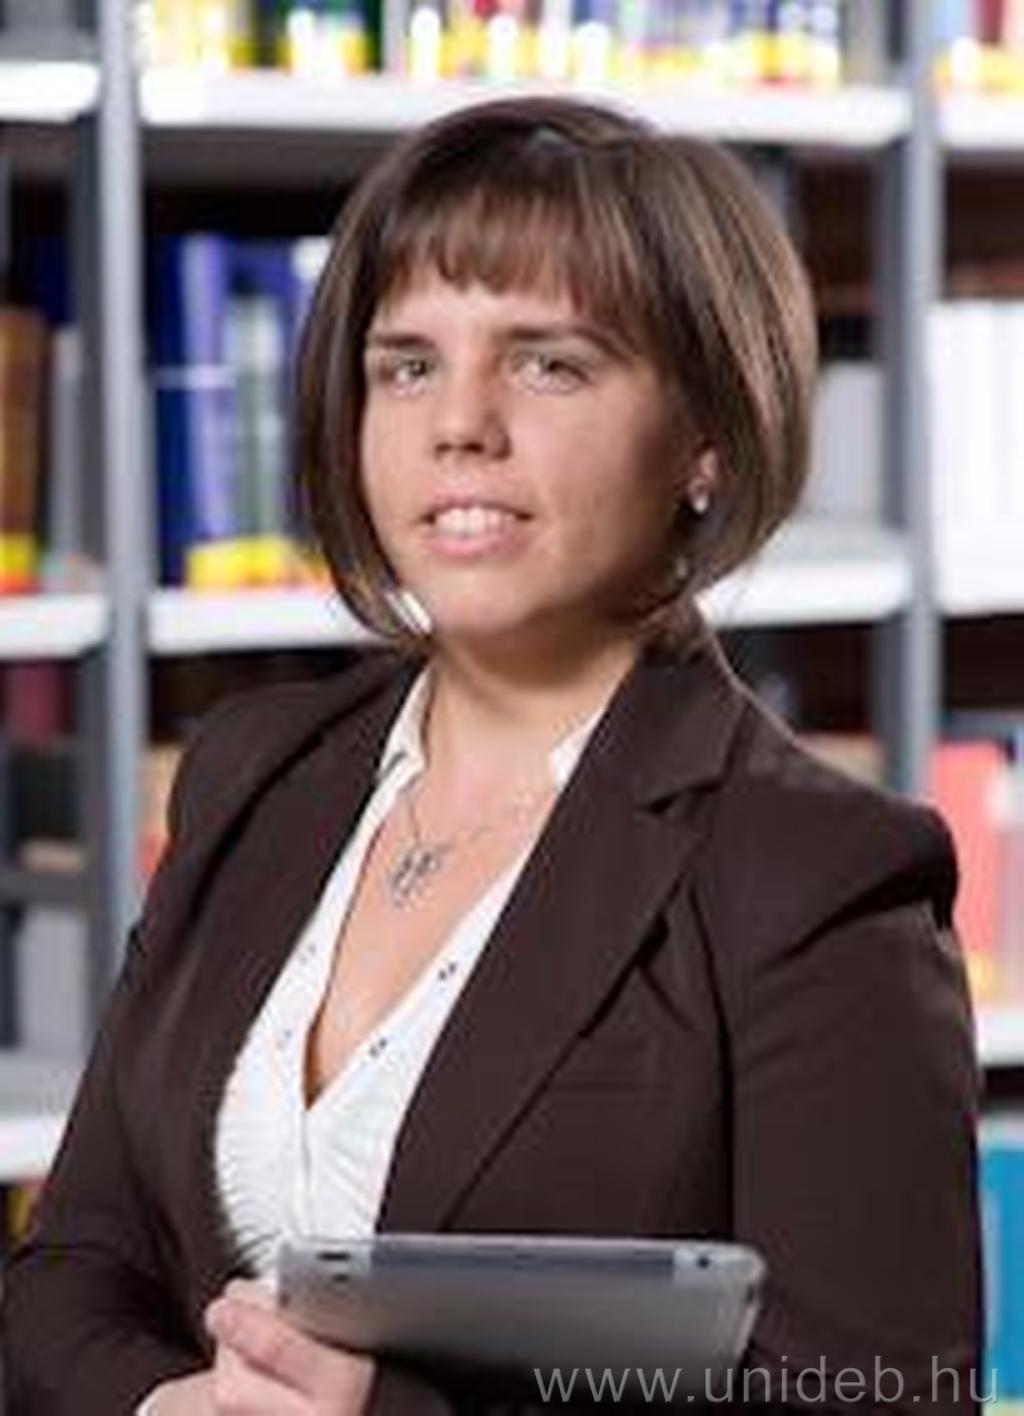 Dr. Zoványi Nikolett